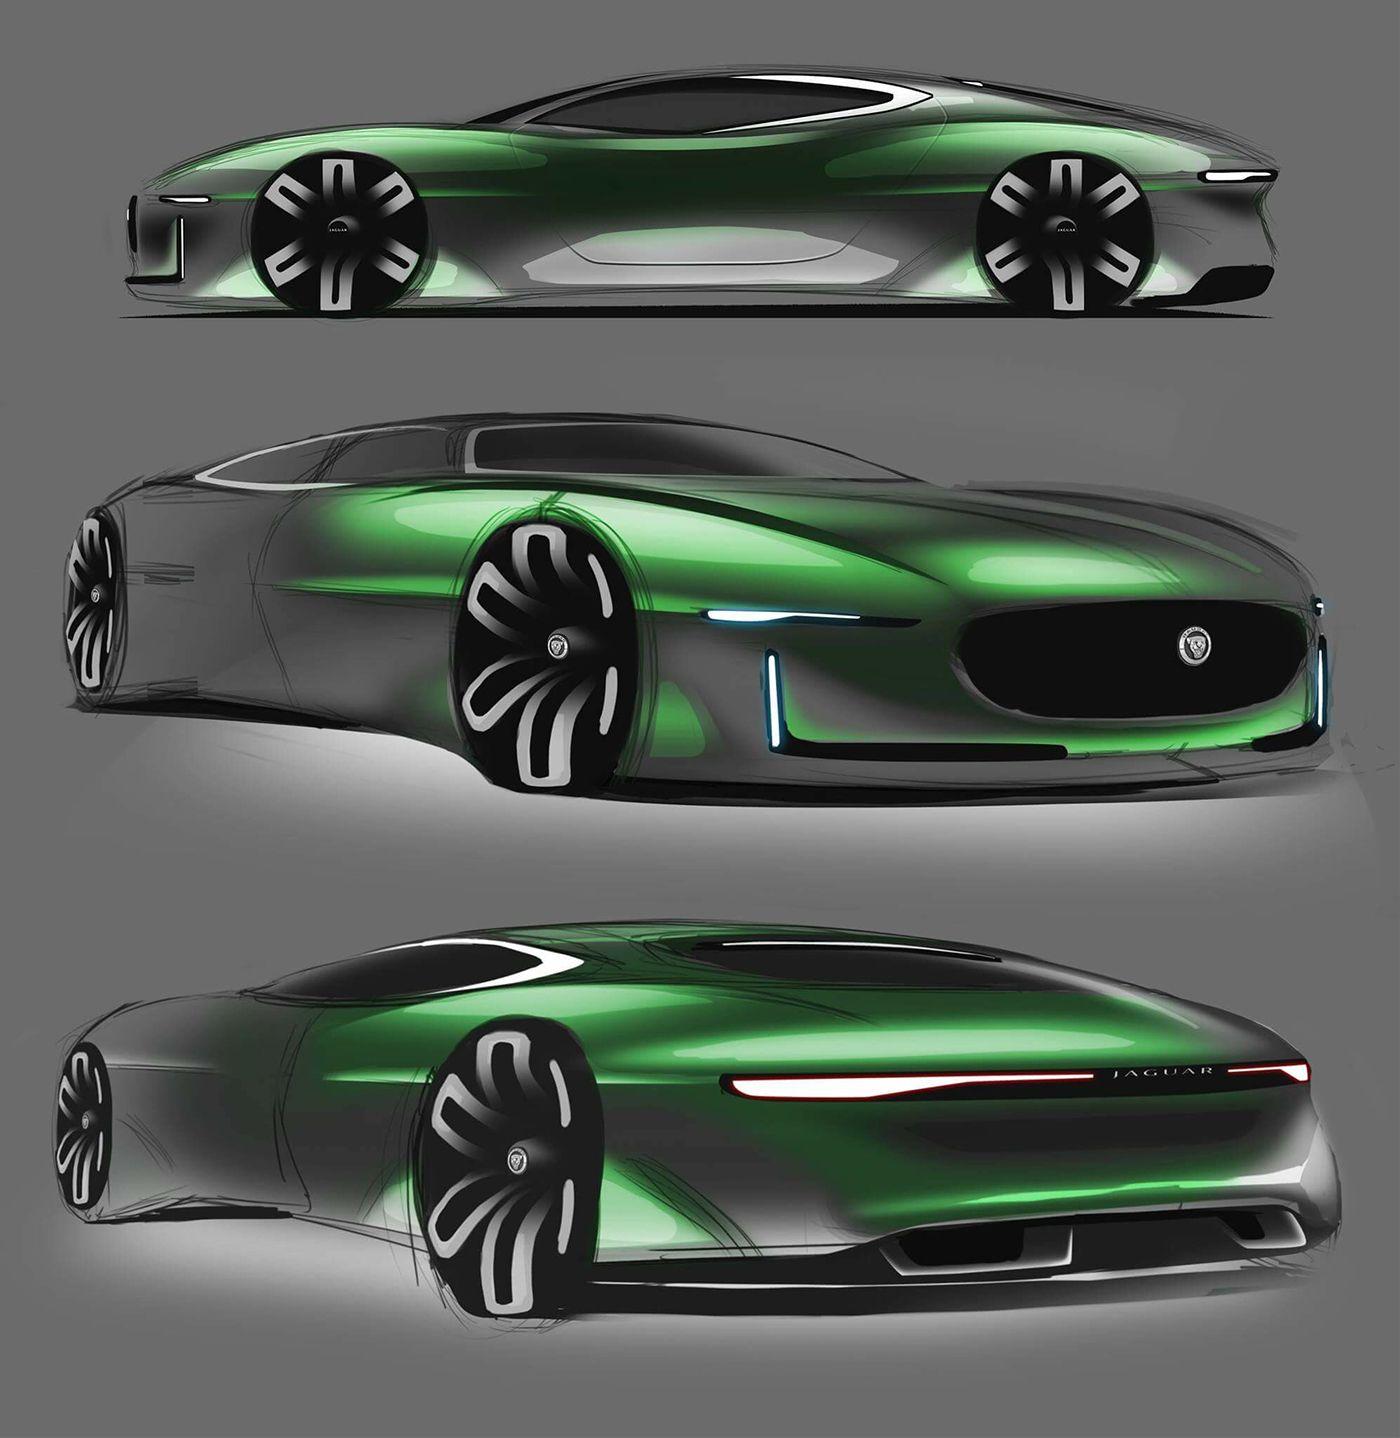 Jaguar Free Sketch On Behance Transportation Design Sketch